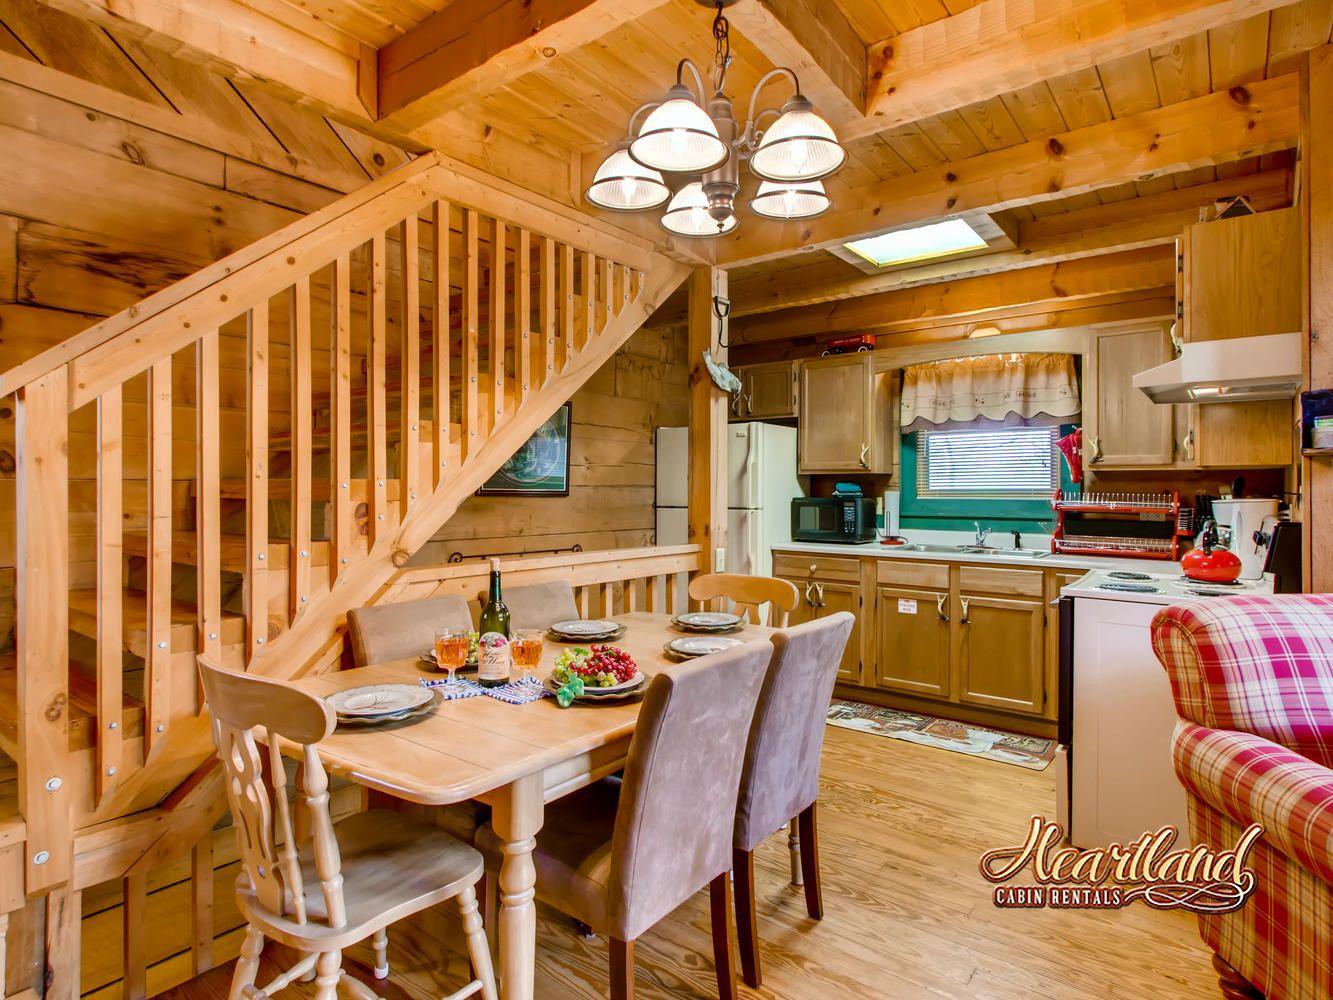 Nana S Nook 1 Bedroom Cabin In Gatlinburg Tn Cabins In Gatlinburg Tn Gatlinburg Cabins Cabin